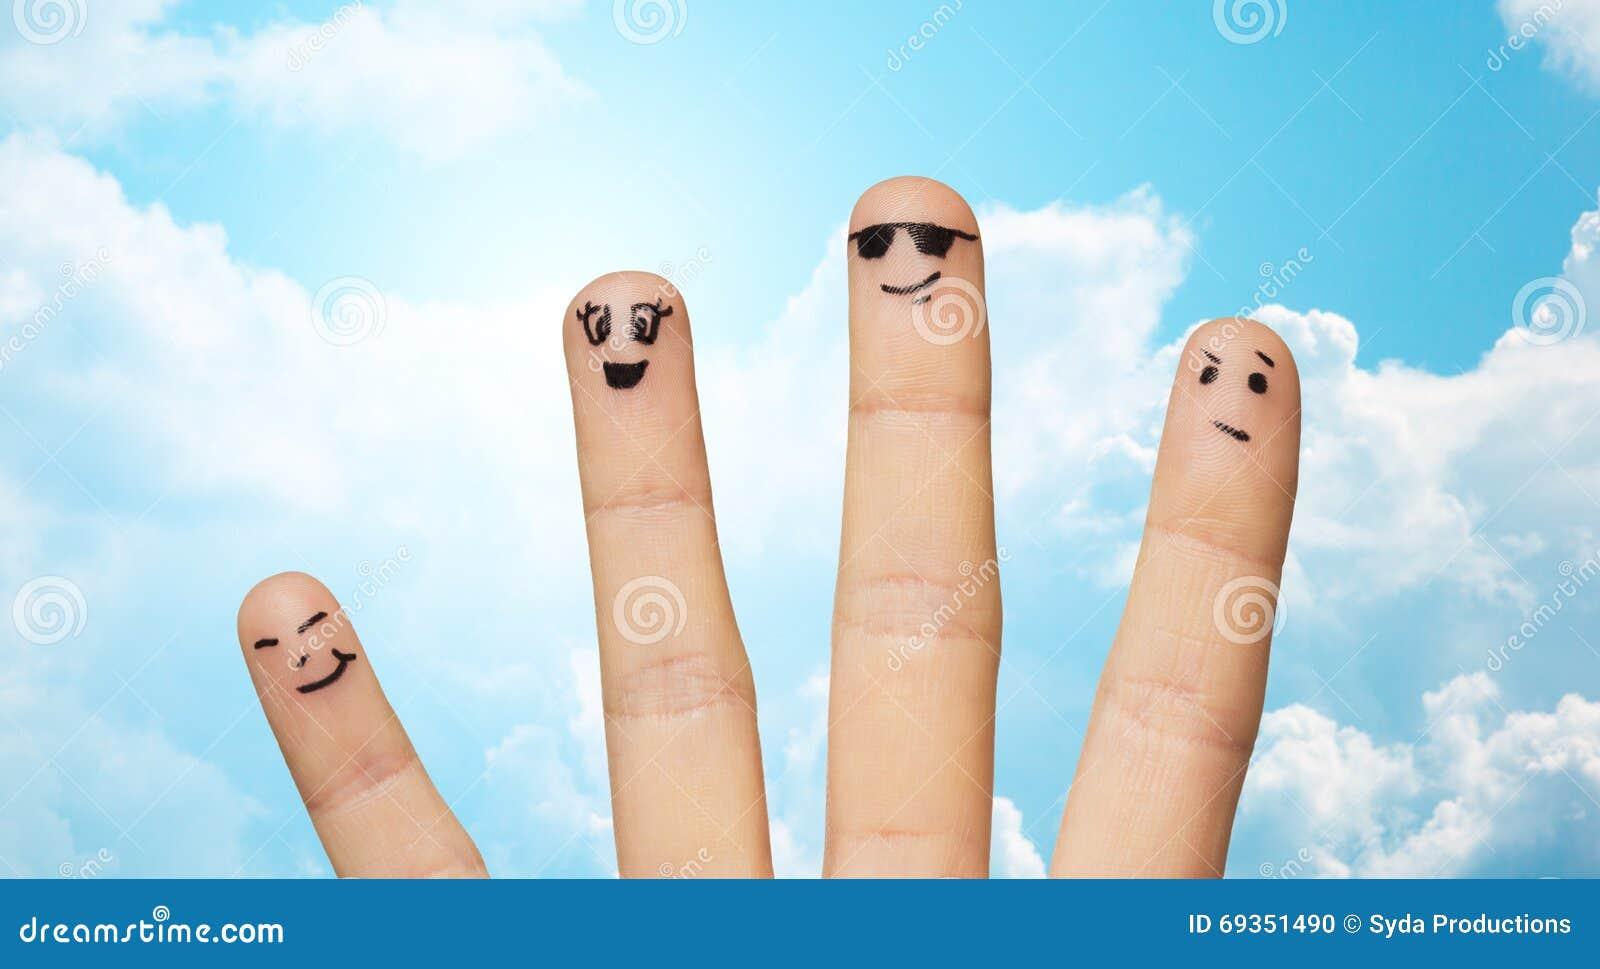 Fermez-vous de la famille de quatre doigts avec les visages souriants